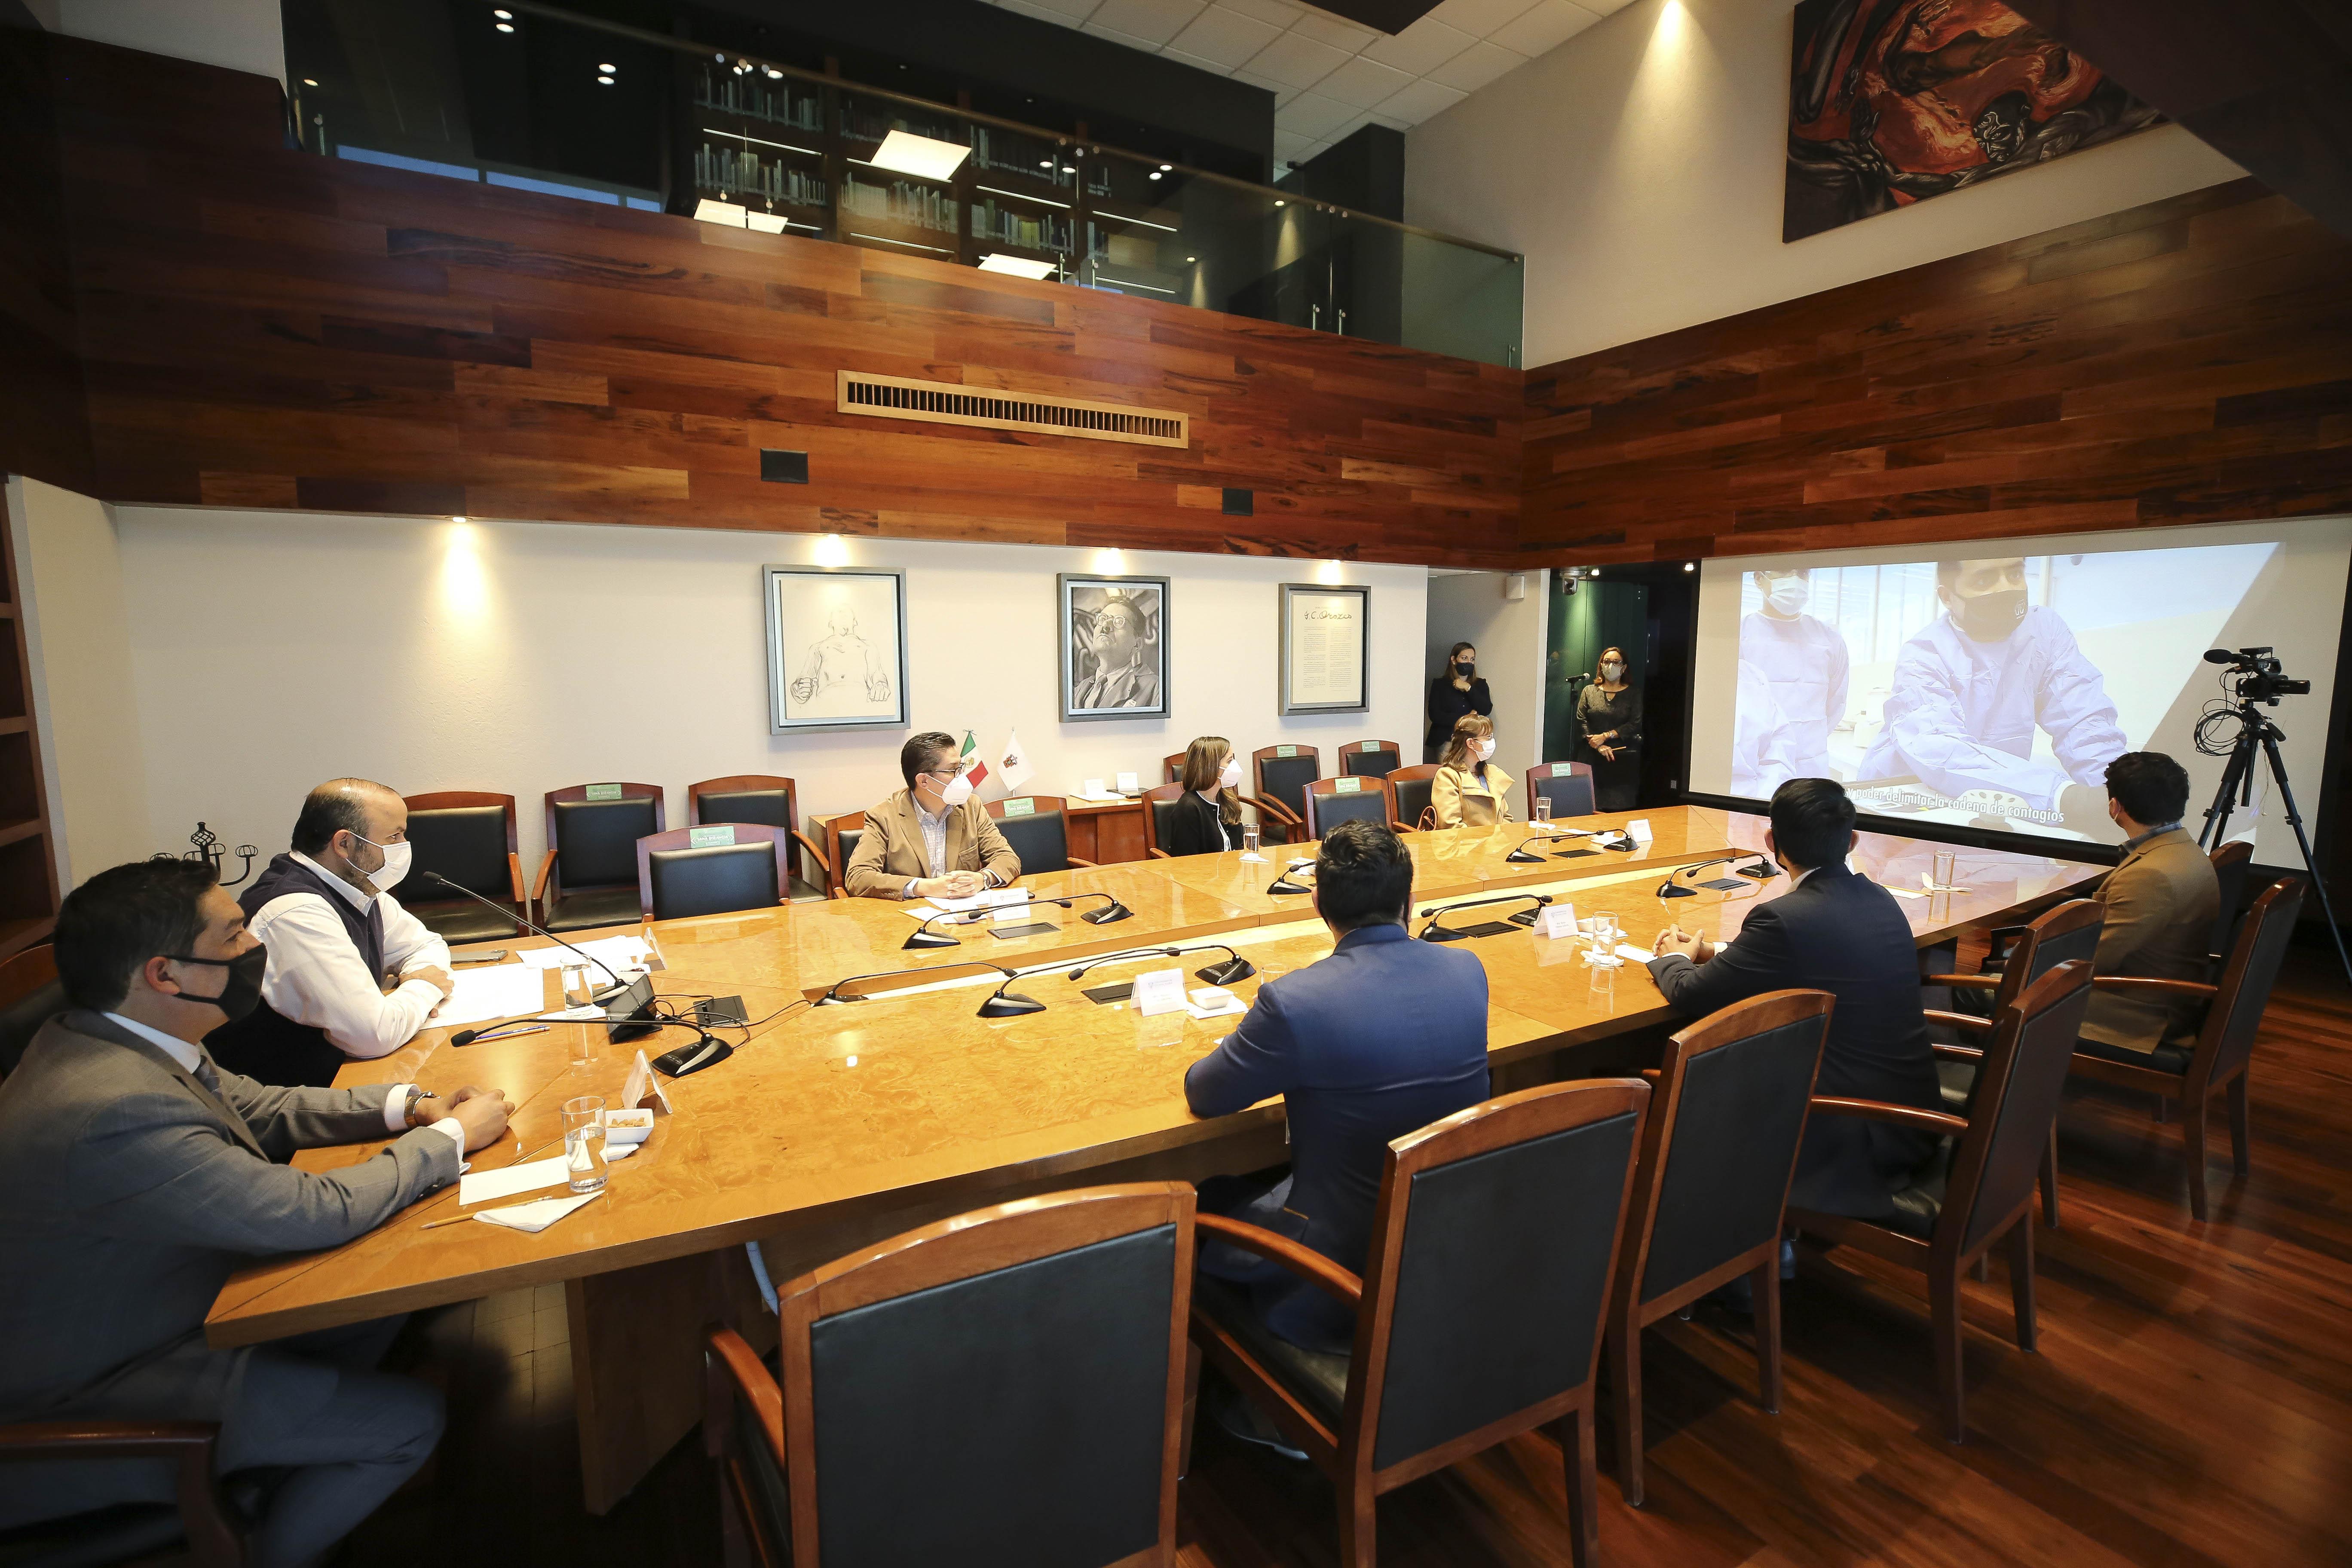 Funcionarios y directivos en sesión en la Sala Clemente Orozco, observan un video